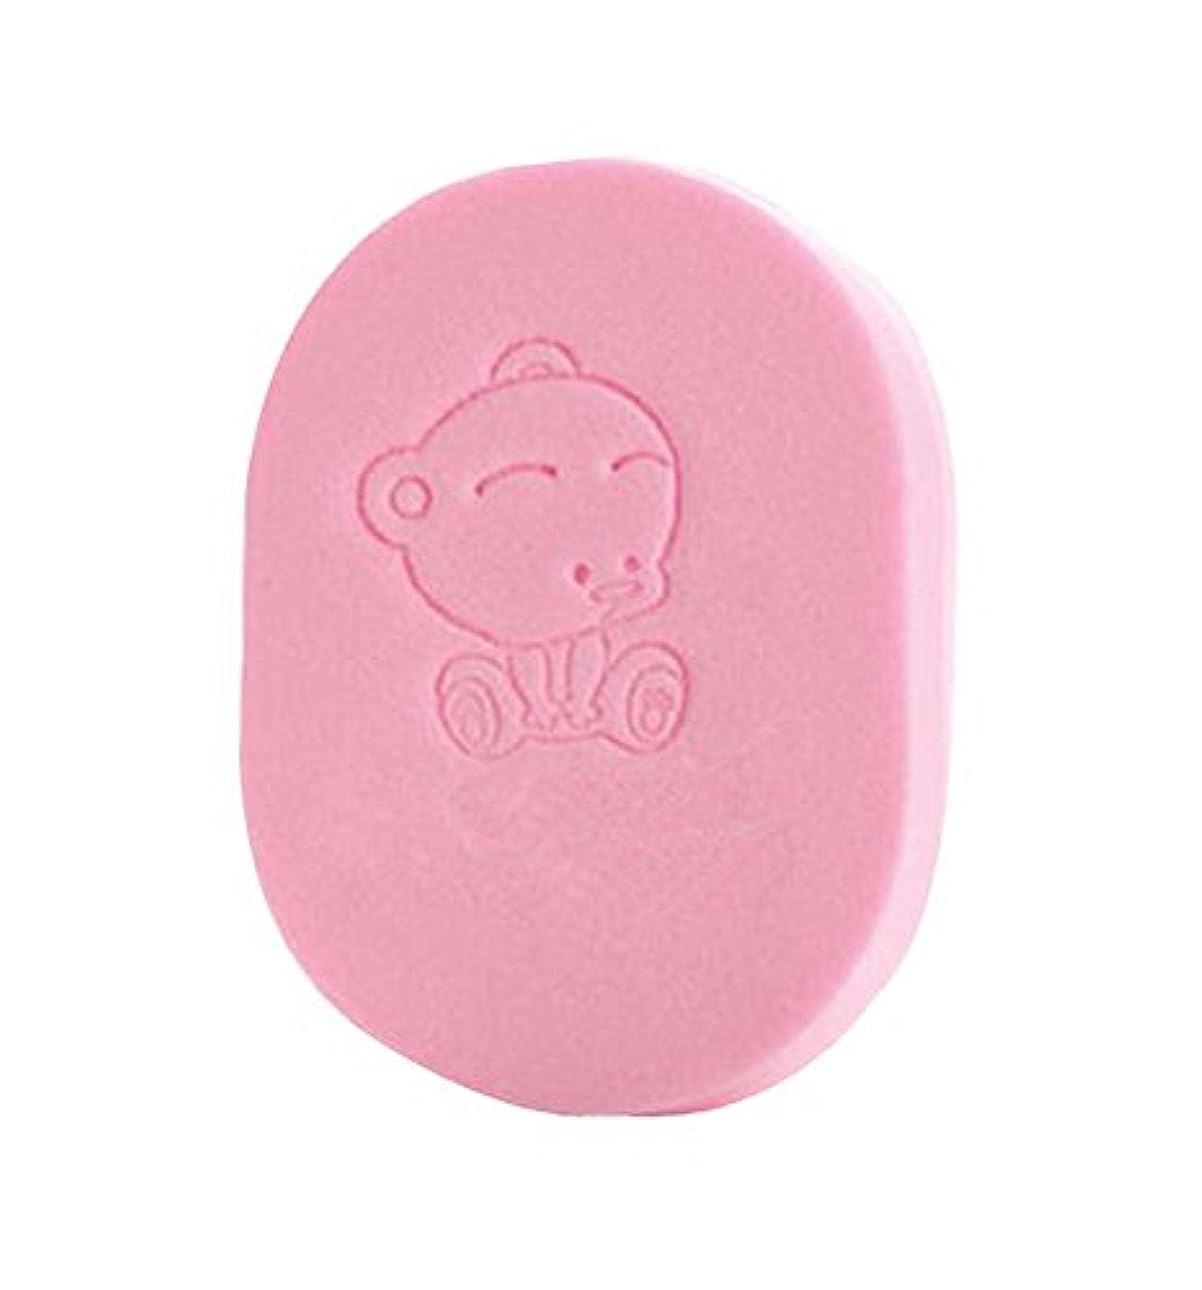 正当化する摩擦マリナーバススポンジベビーバスコットン子供用バスブラシ製品、ピンク